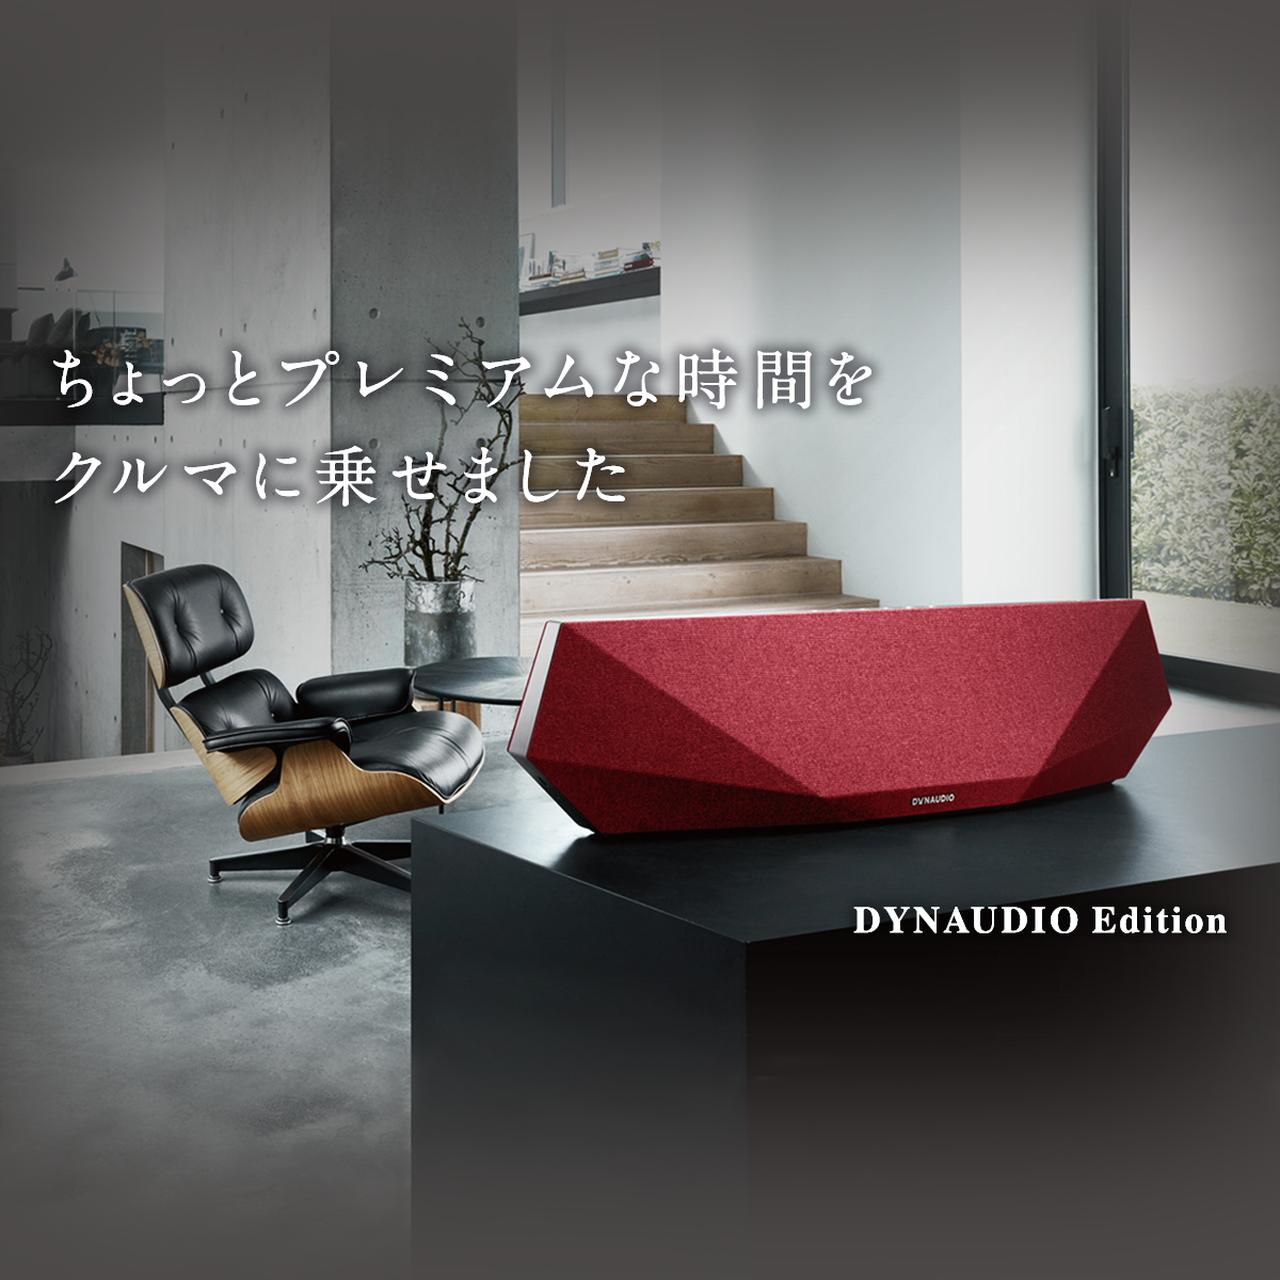 画像: DYNAUDIO Edition   フォルクスワーゲン公式